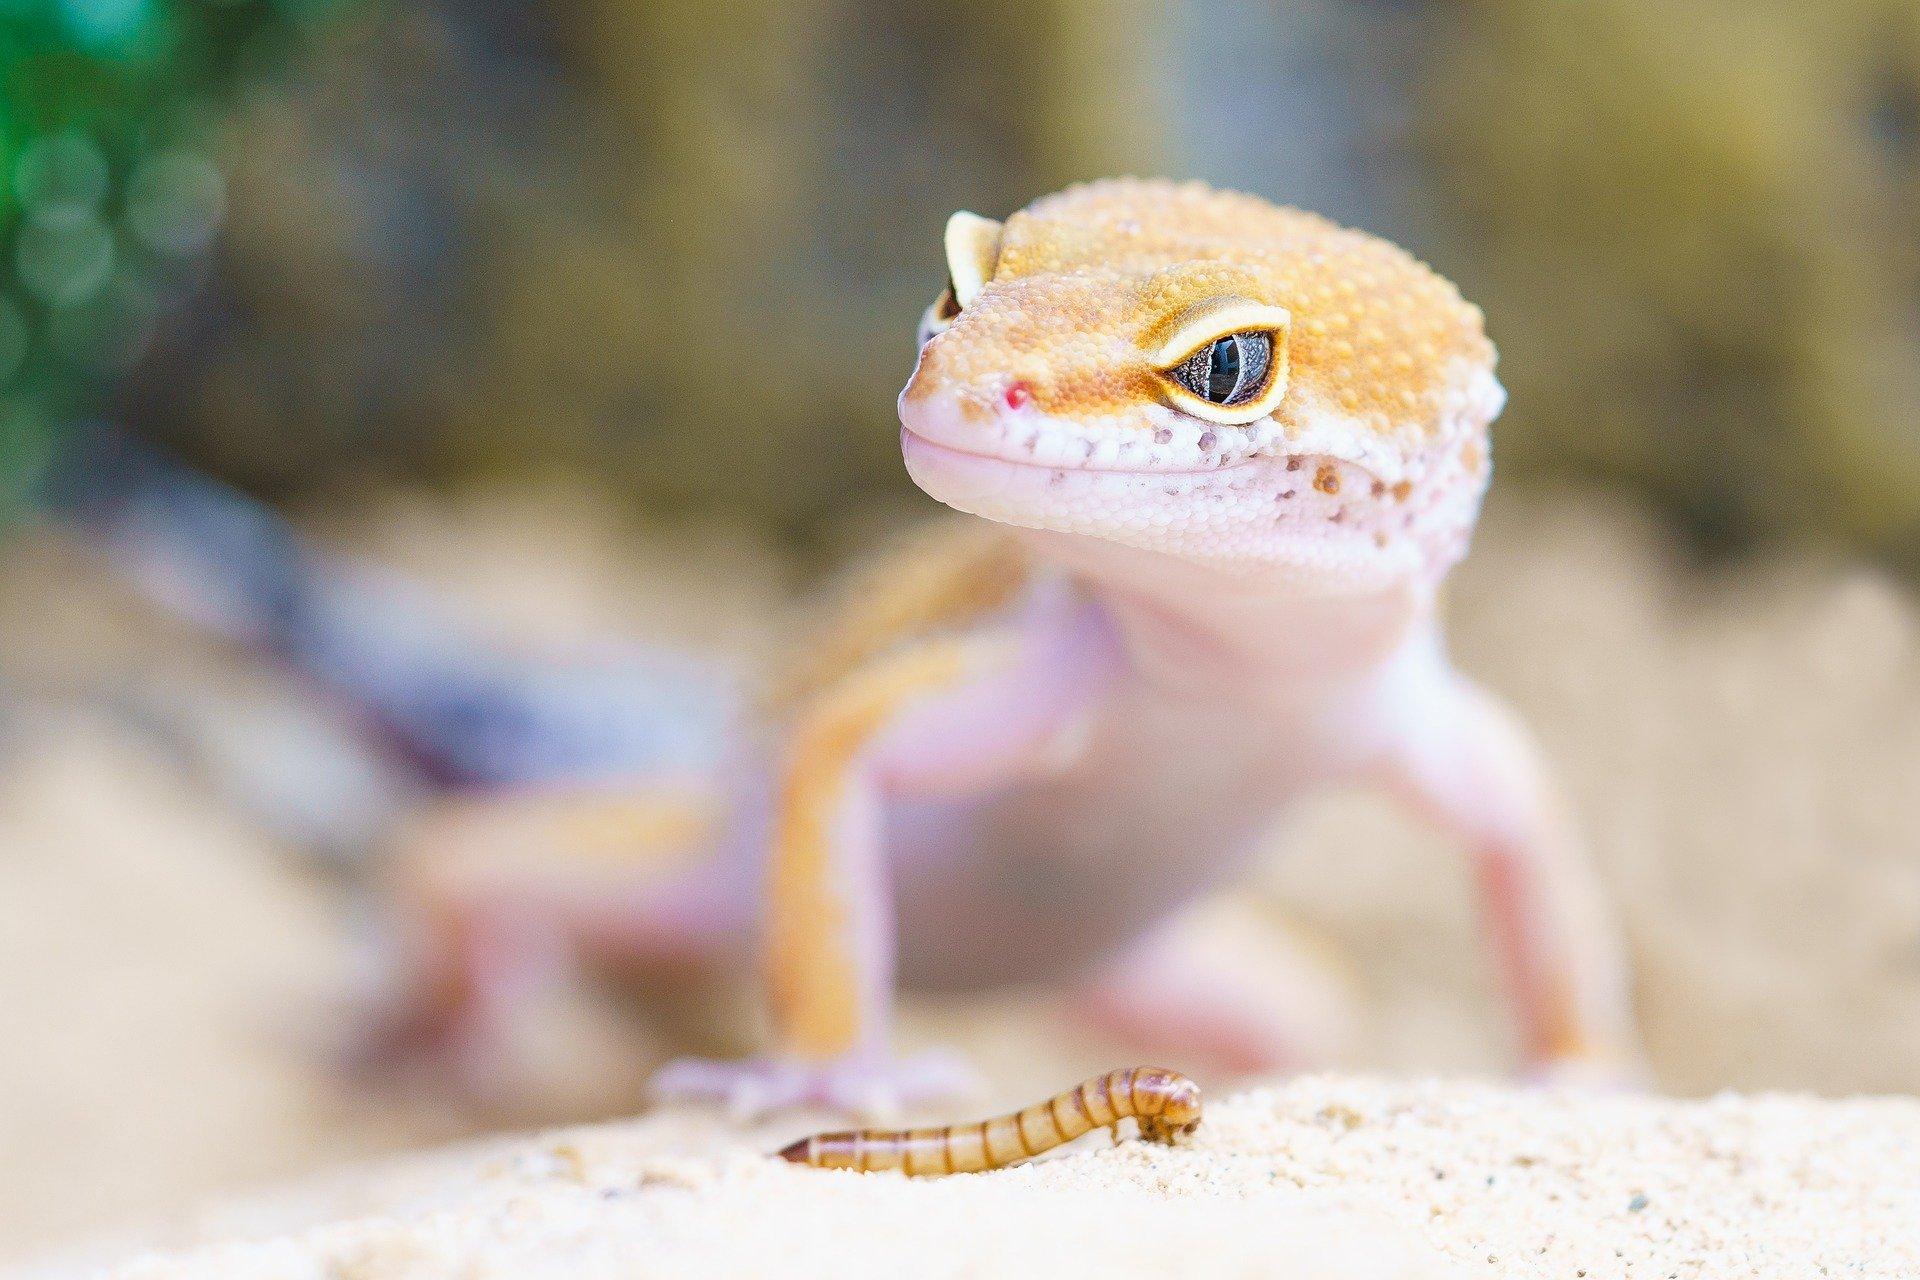 Хвост помогает прыгающим гекконам безопасно приземляться